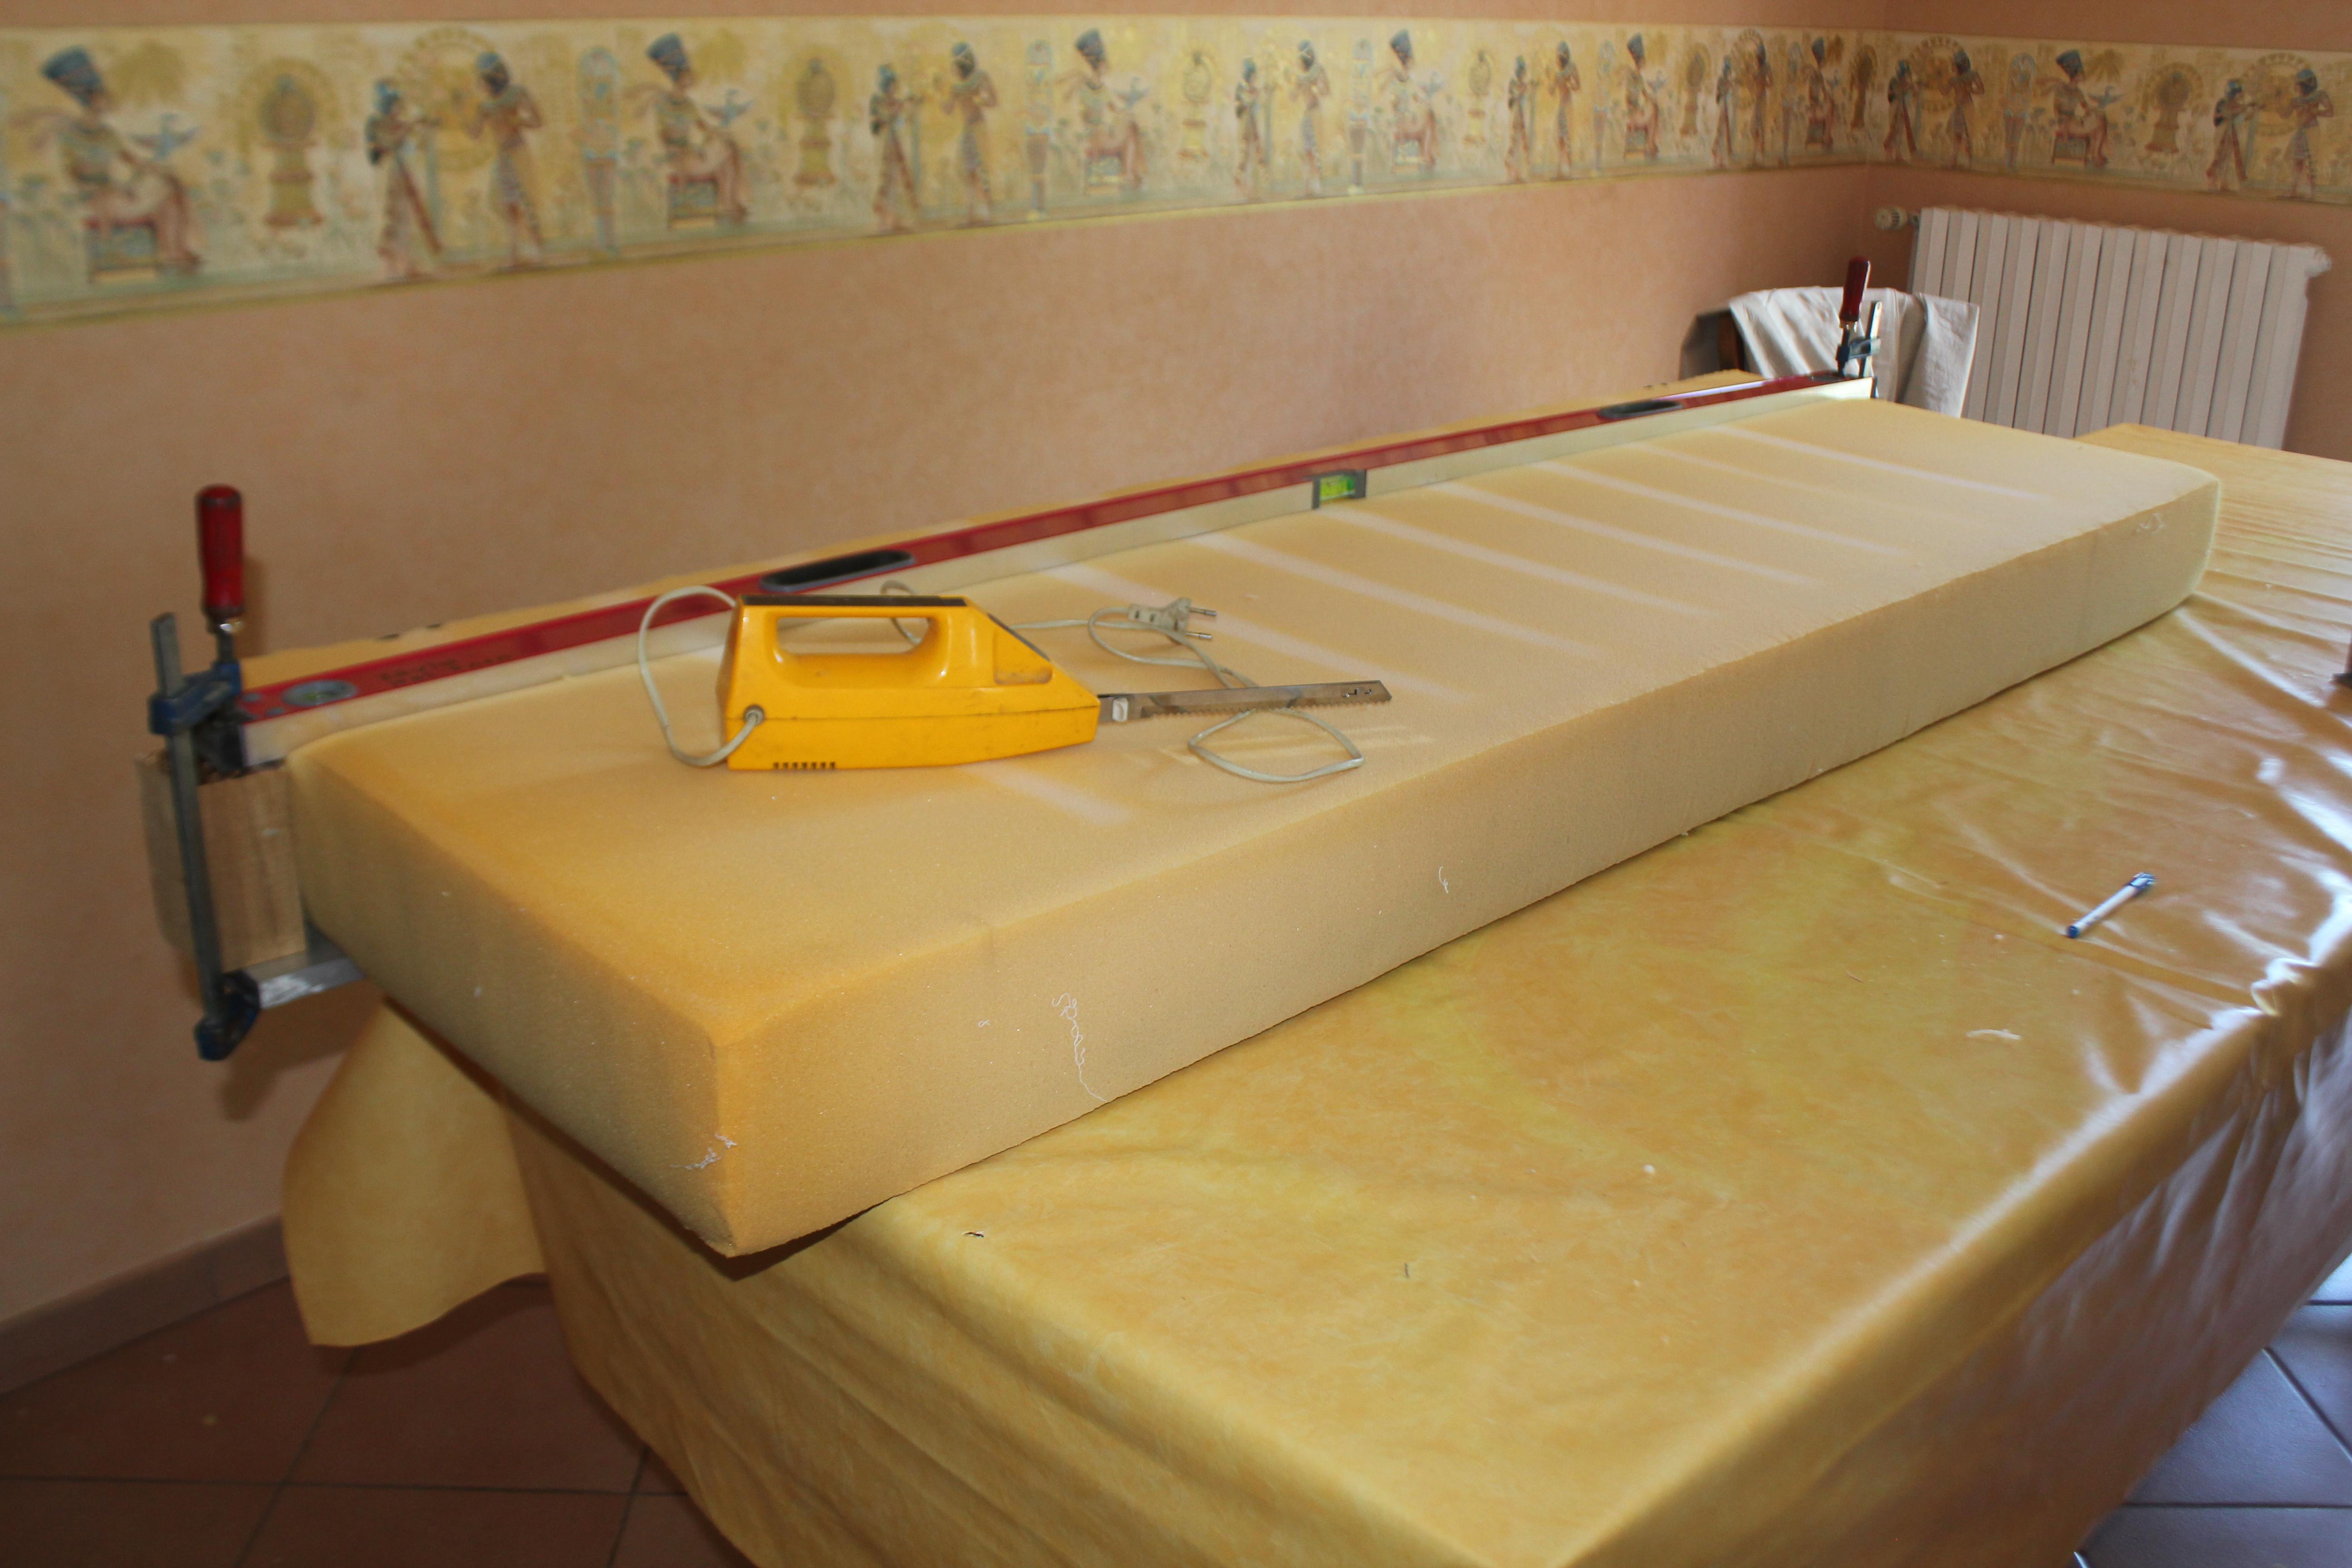 matelas sp cial fourgon poimobile fourgon am nag. Black Bedroom Furniture Sets. Home Design Ideas